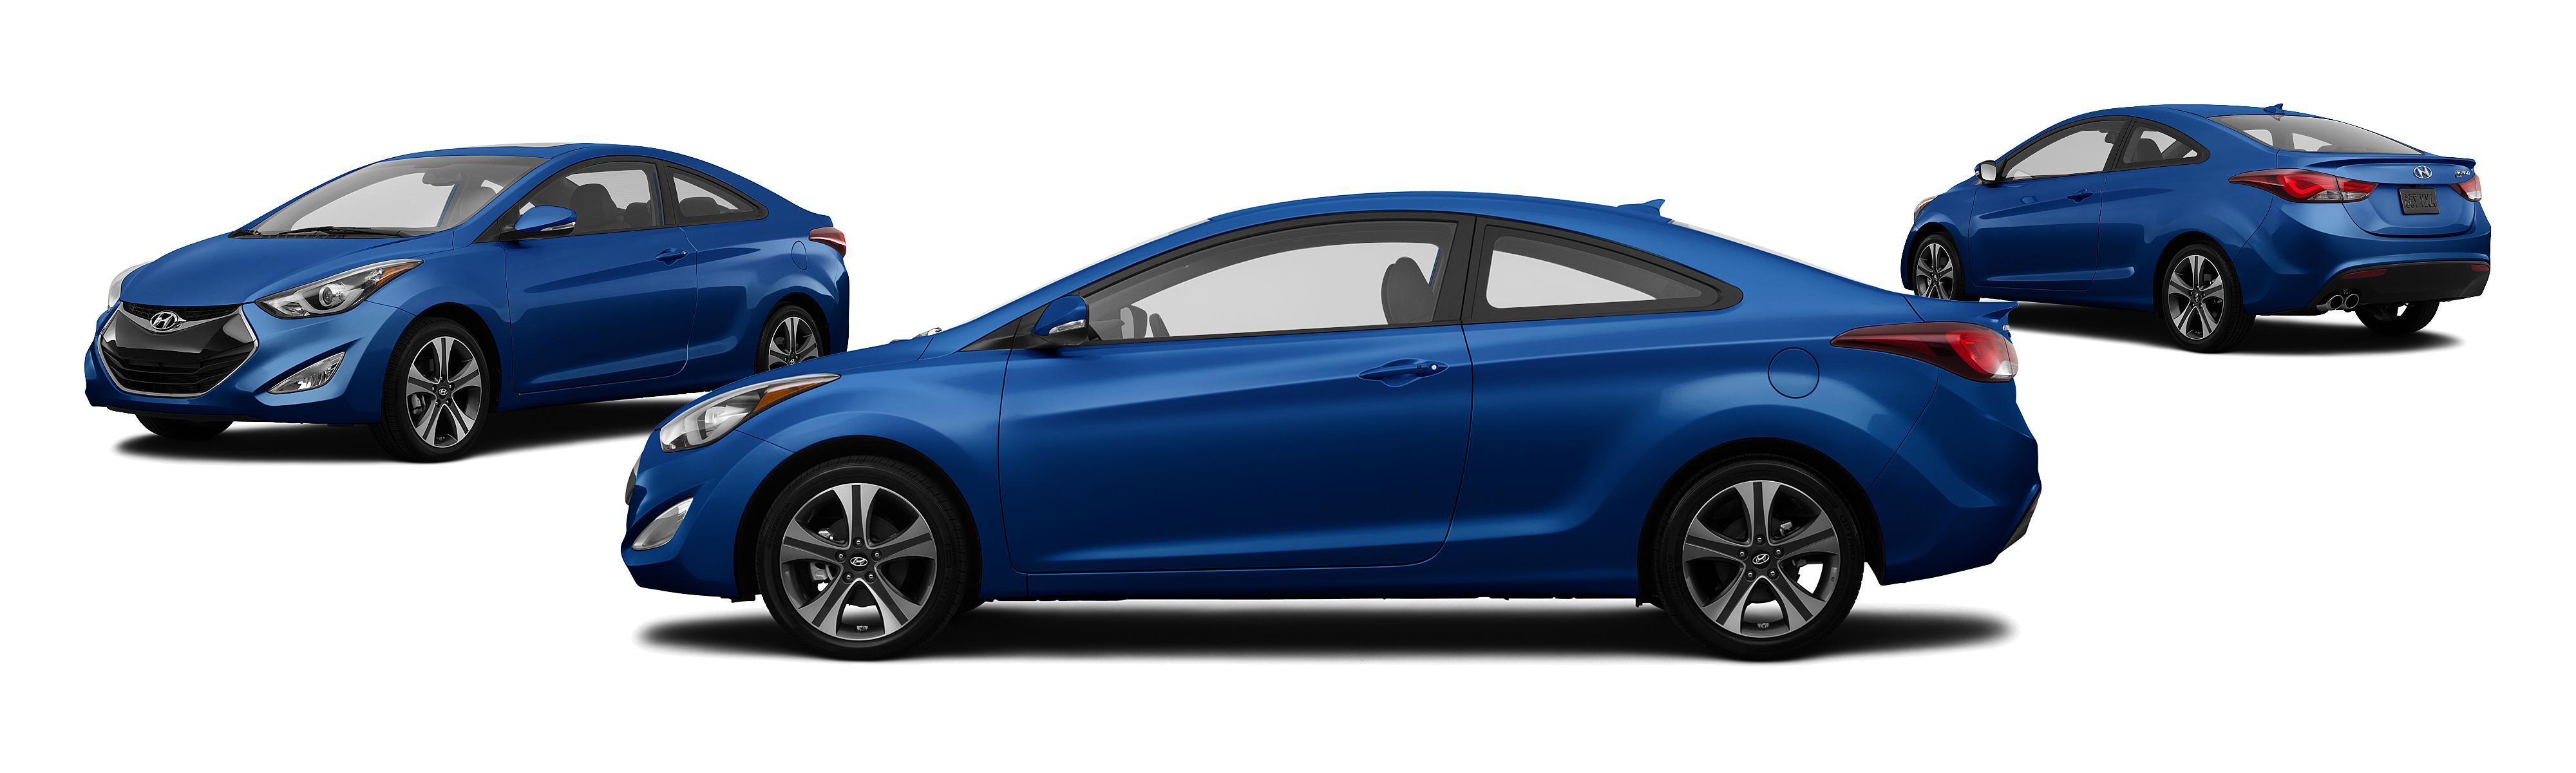 hatchbacks for hatchback gt pricing sale paso base oem hyundai el reviews fq elantra